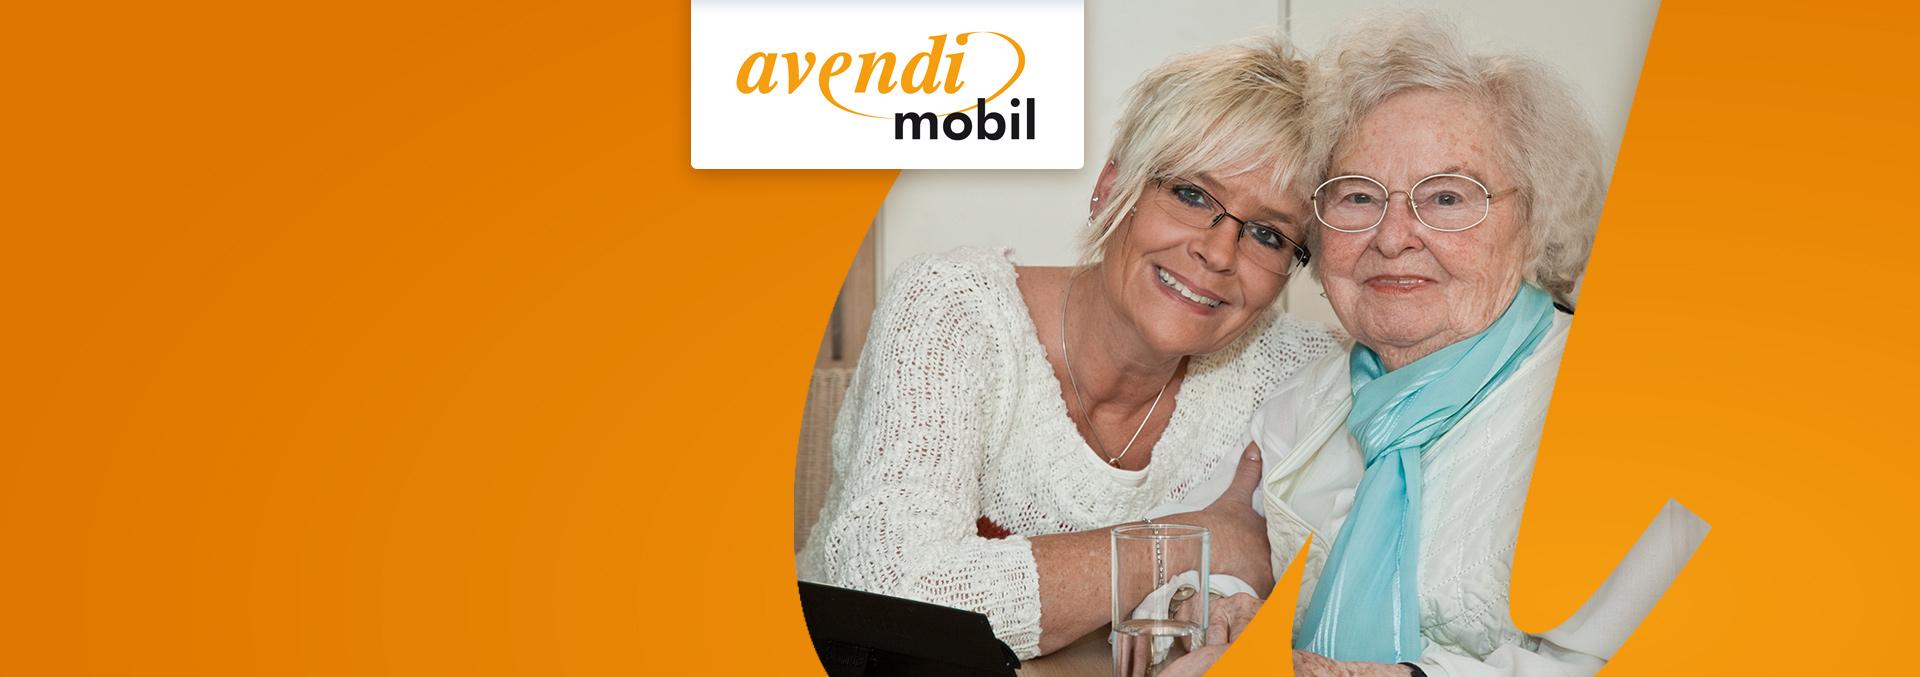 Beratung beim ambulanten Pflegedienst avendi mobil Mannheim: Eine Mitarbeiterin hält eine Bewohnerin im Arm, die beiden lächeln in die Kamera.